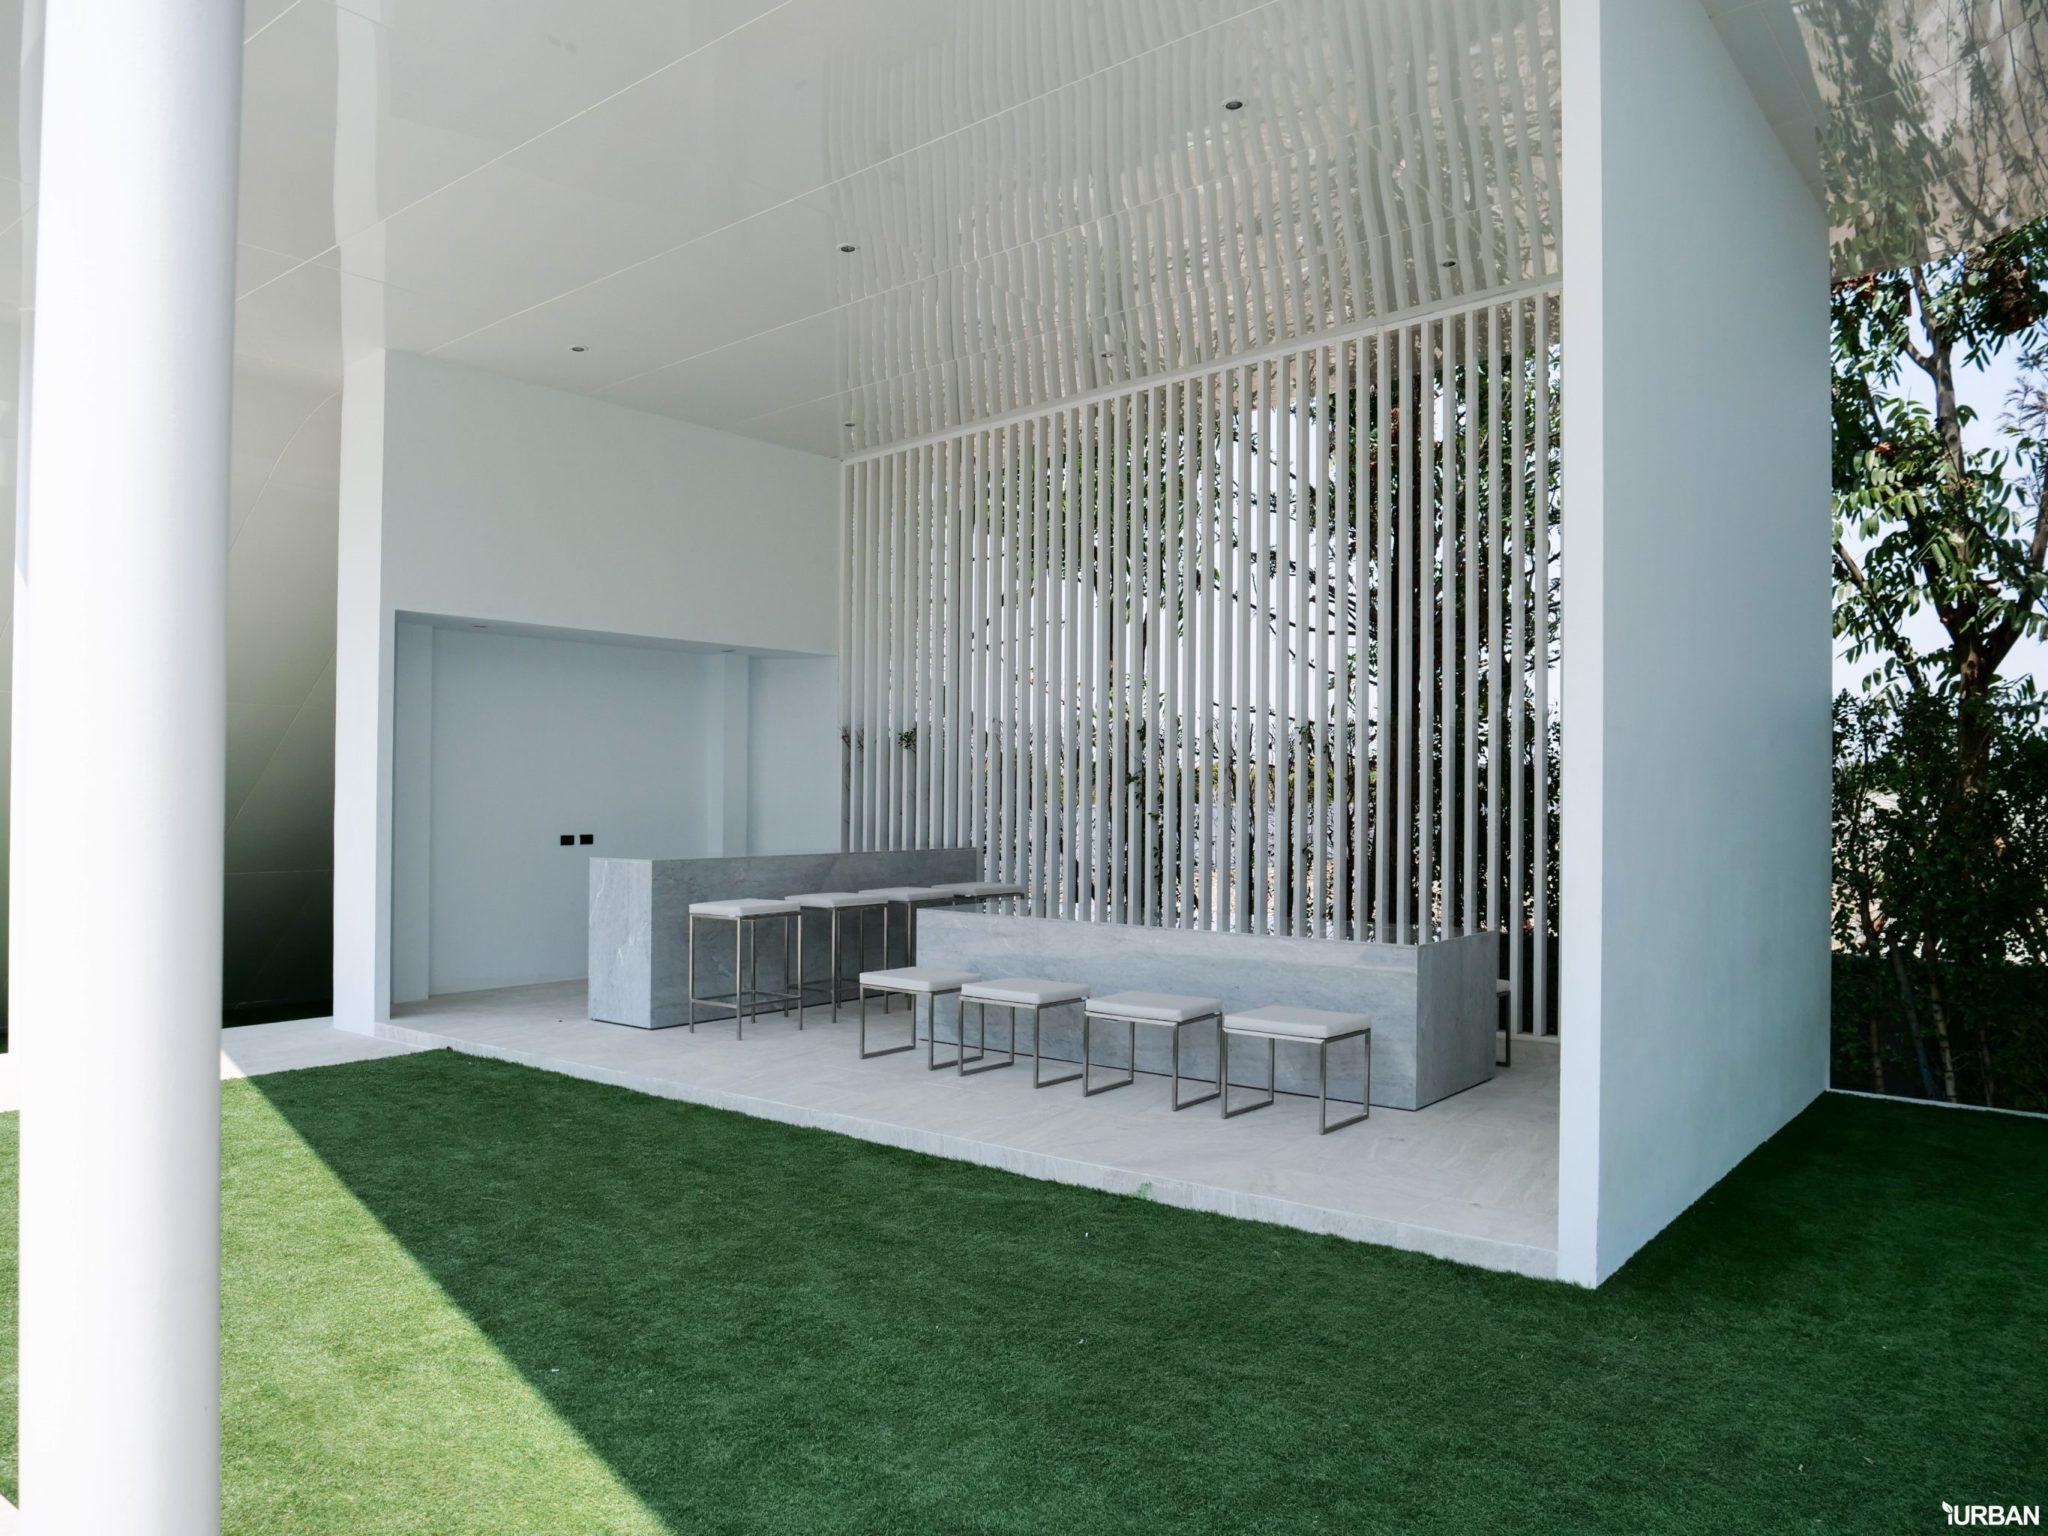 """""""เนอวานา ไดอิ"""" ปฏิวัติรูปแบบการอยู่อาศัย พร้อมเปิดโครงการ """"เนอวานา บียอนด์ พระราม 9-กรุงเทพกรีฑา"""" บ้านต้นแบบแนวคิดใหม่ 40 -"""